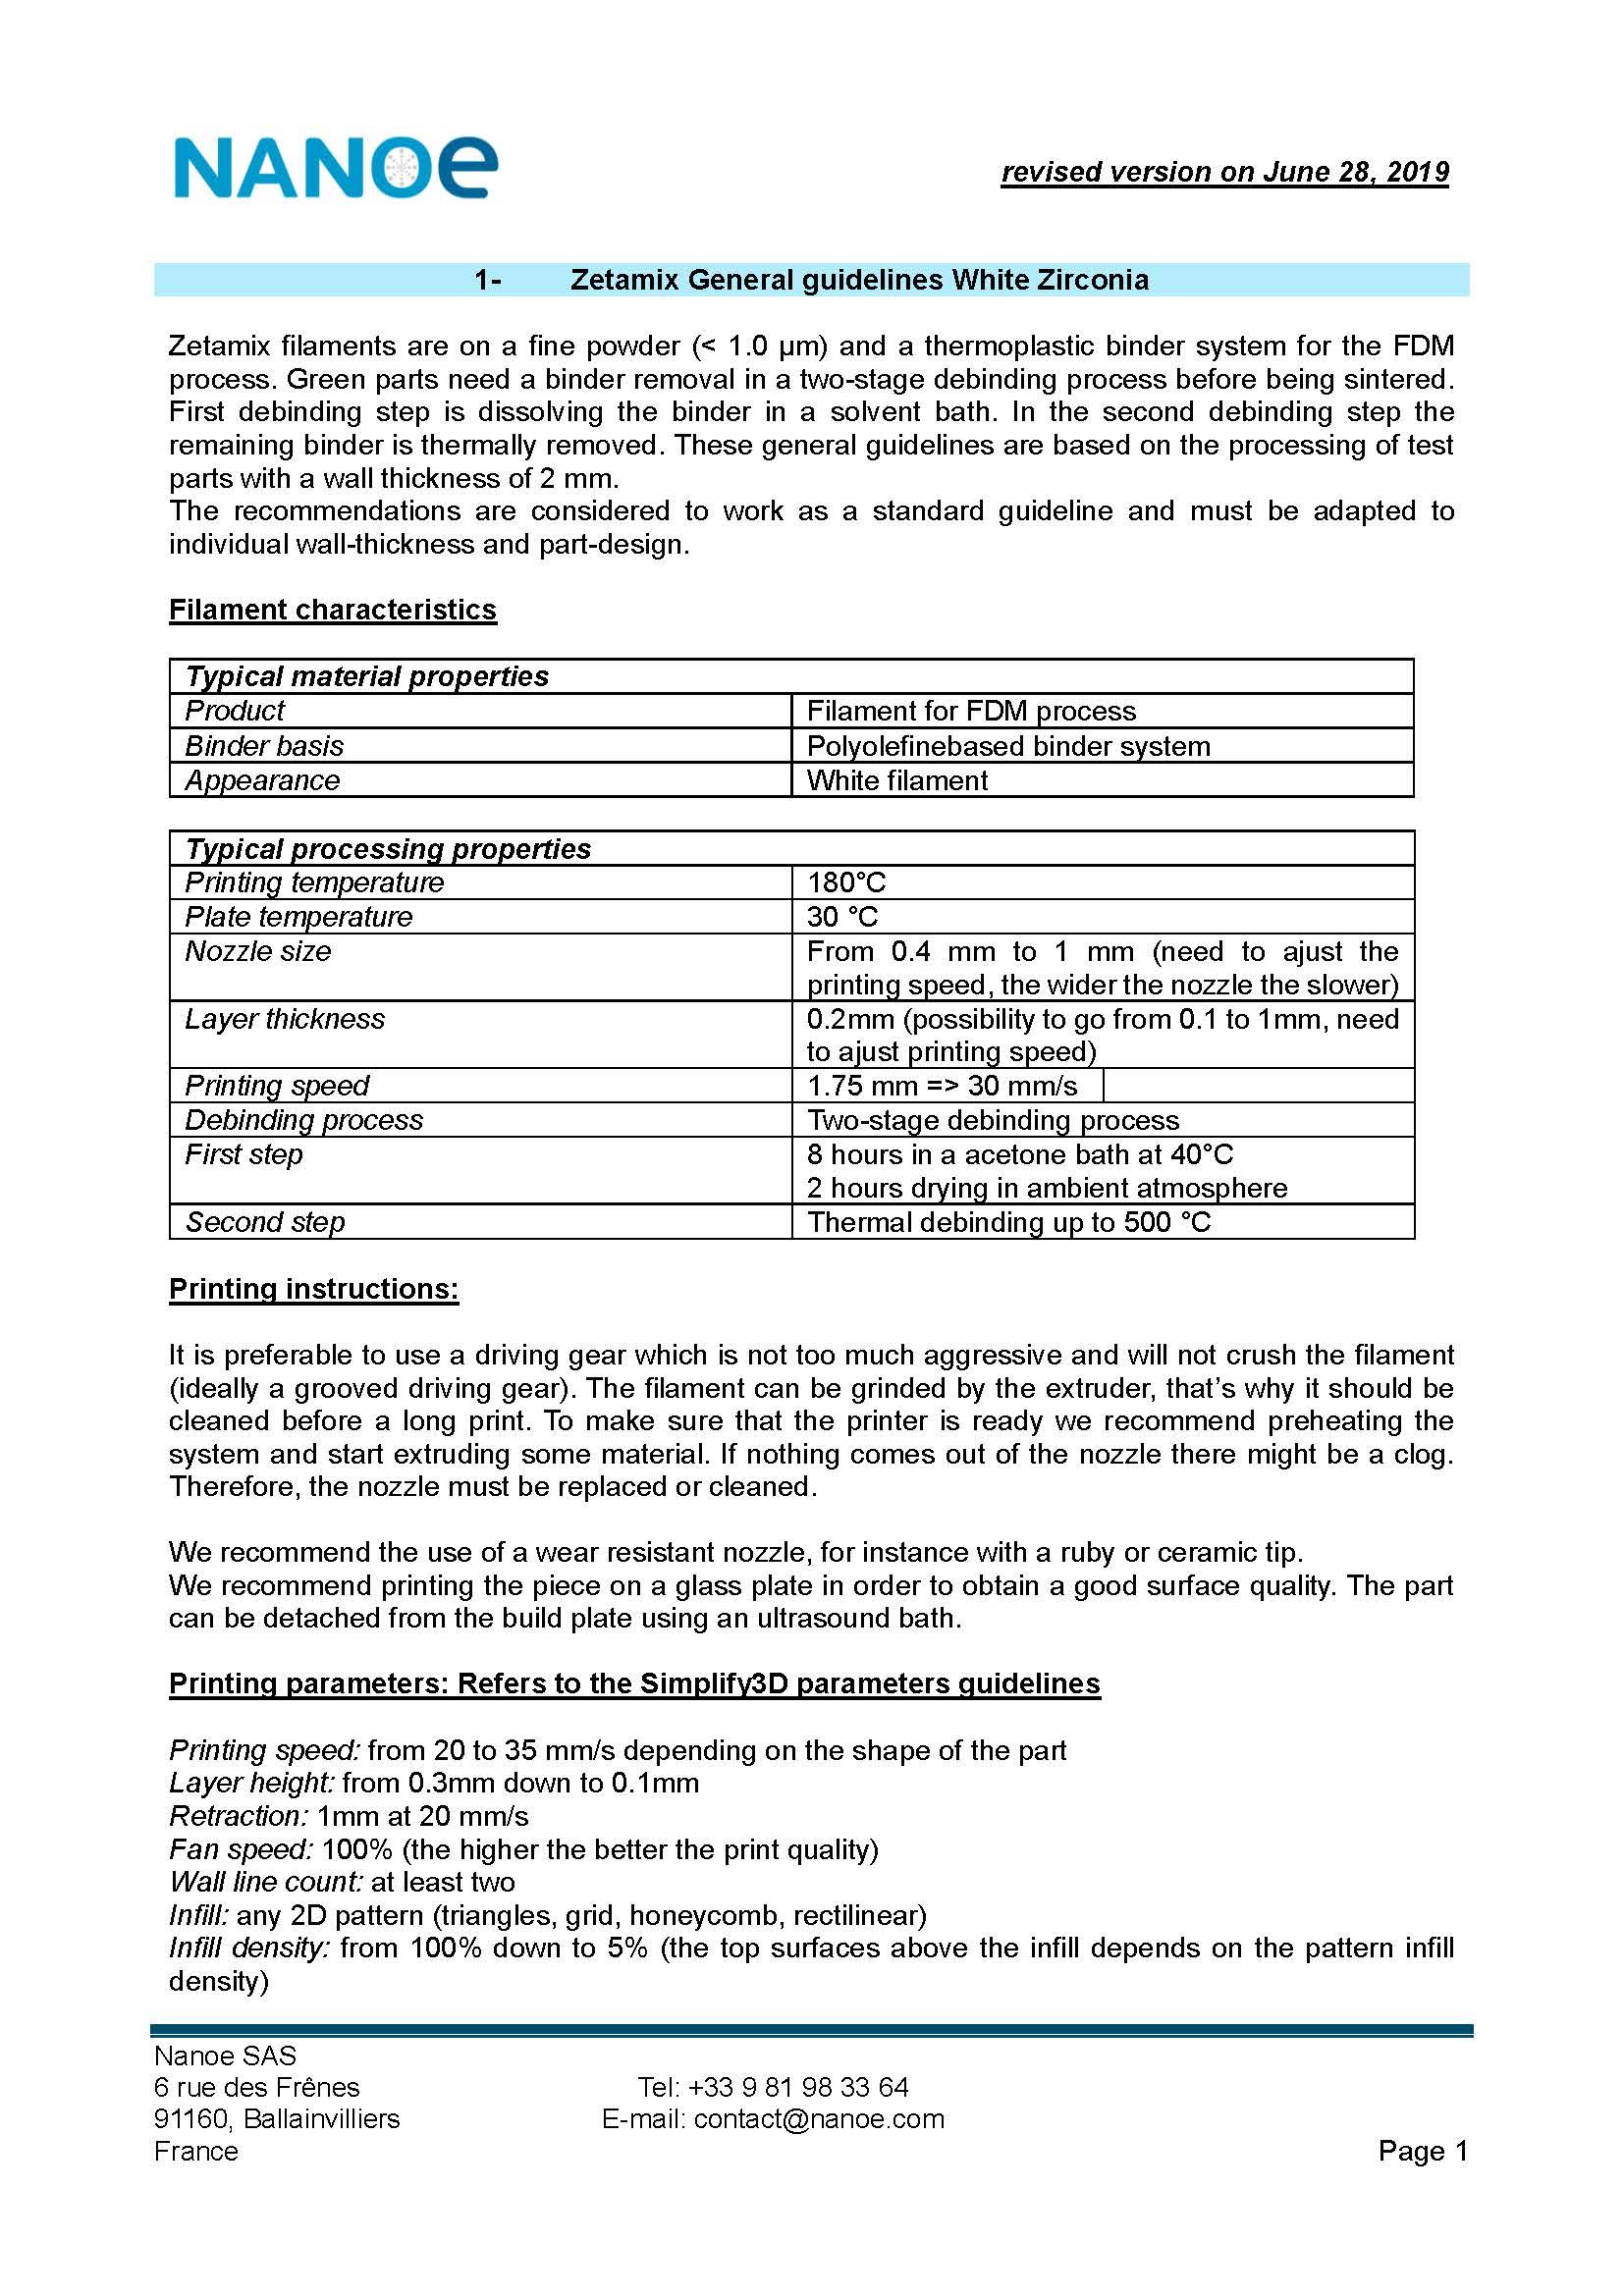 zetamix-guidelines-White-Zirconia_Seite_1